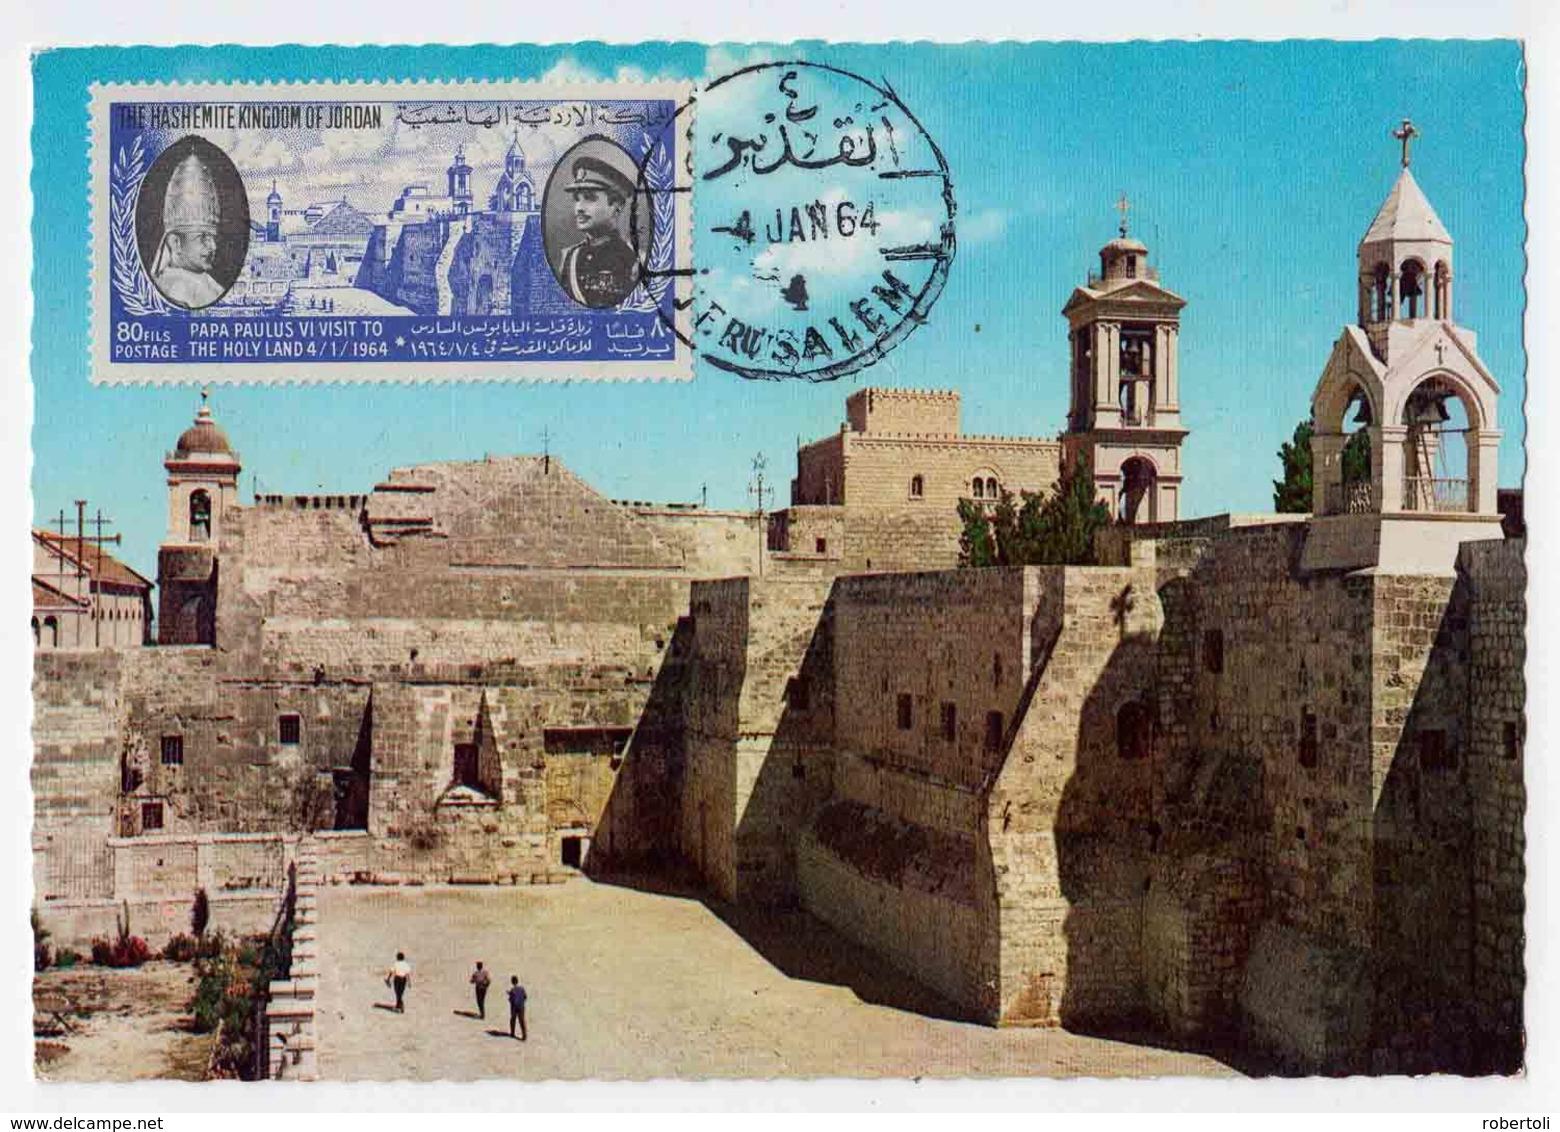 Jordan 1964, Jerusalem, FDC - MAXI CARD, RRR !!! - Jordan